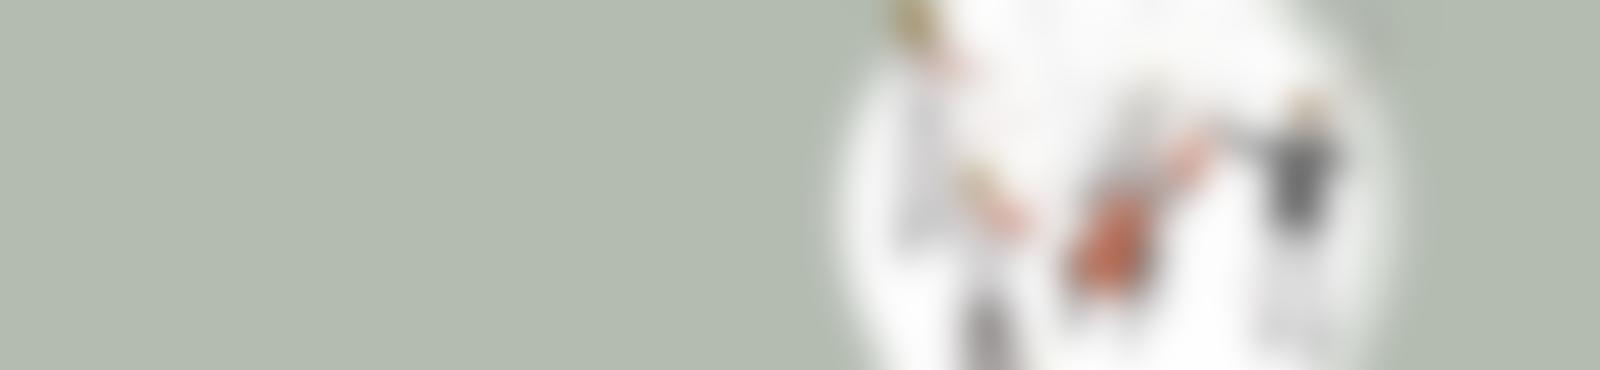 Blurred 84337c98 aa75 4eb2 9516 3f9f60e8db73